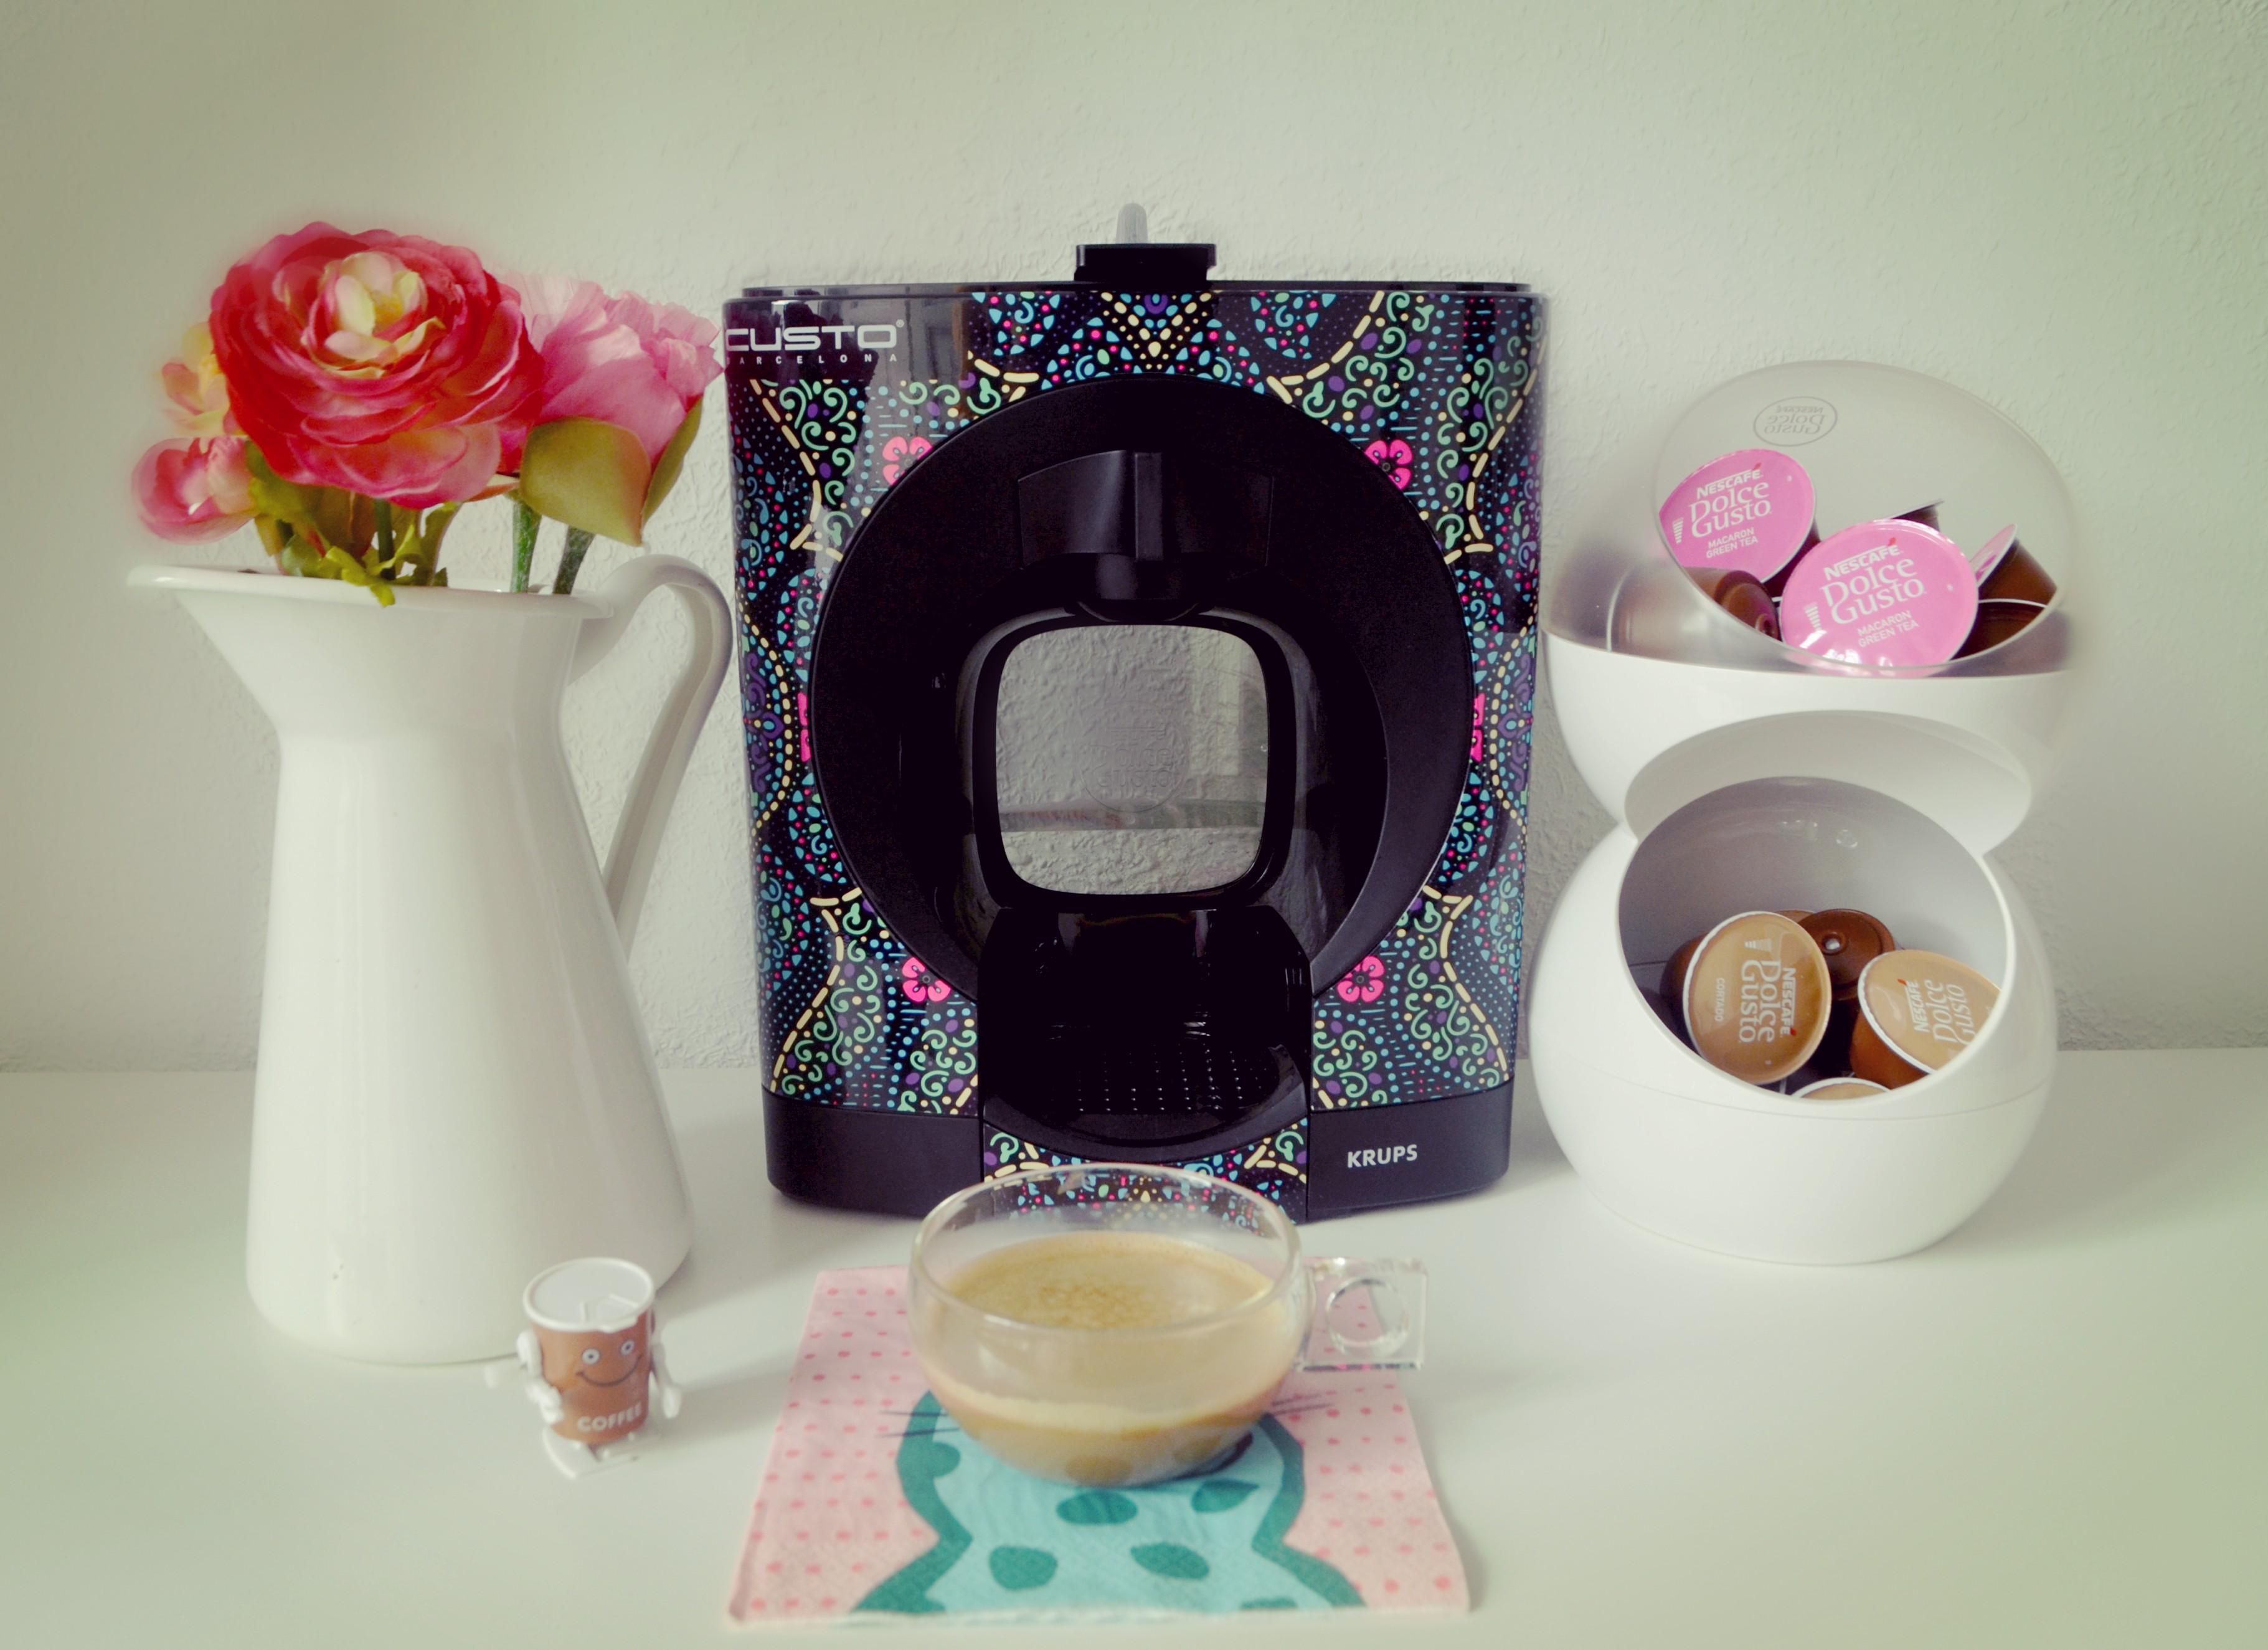 nescafe-dolce-gusto-oblo-custo-edicion-limitada-fashionista-blog-de-moda-fashion-coffee-mejores-cafeteras-de-capsulas-piensaenchic-piensa-en-chic